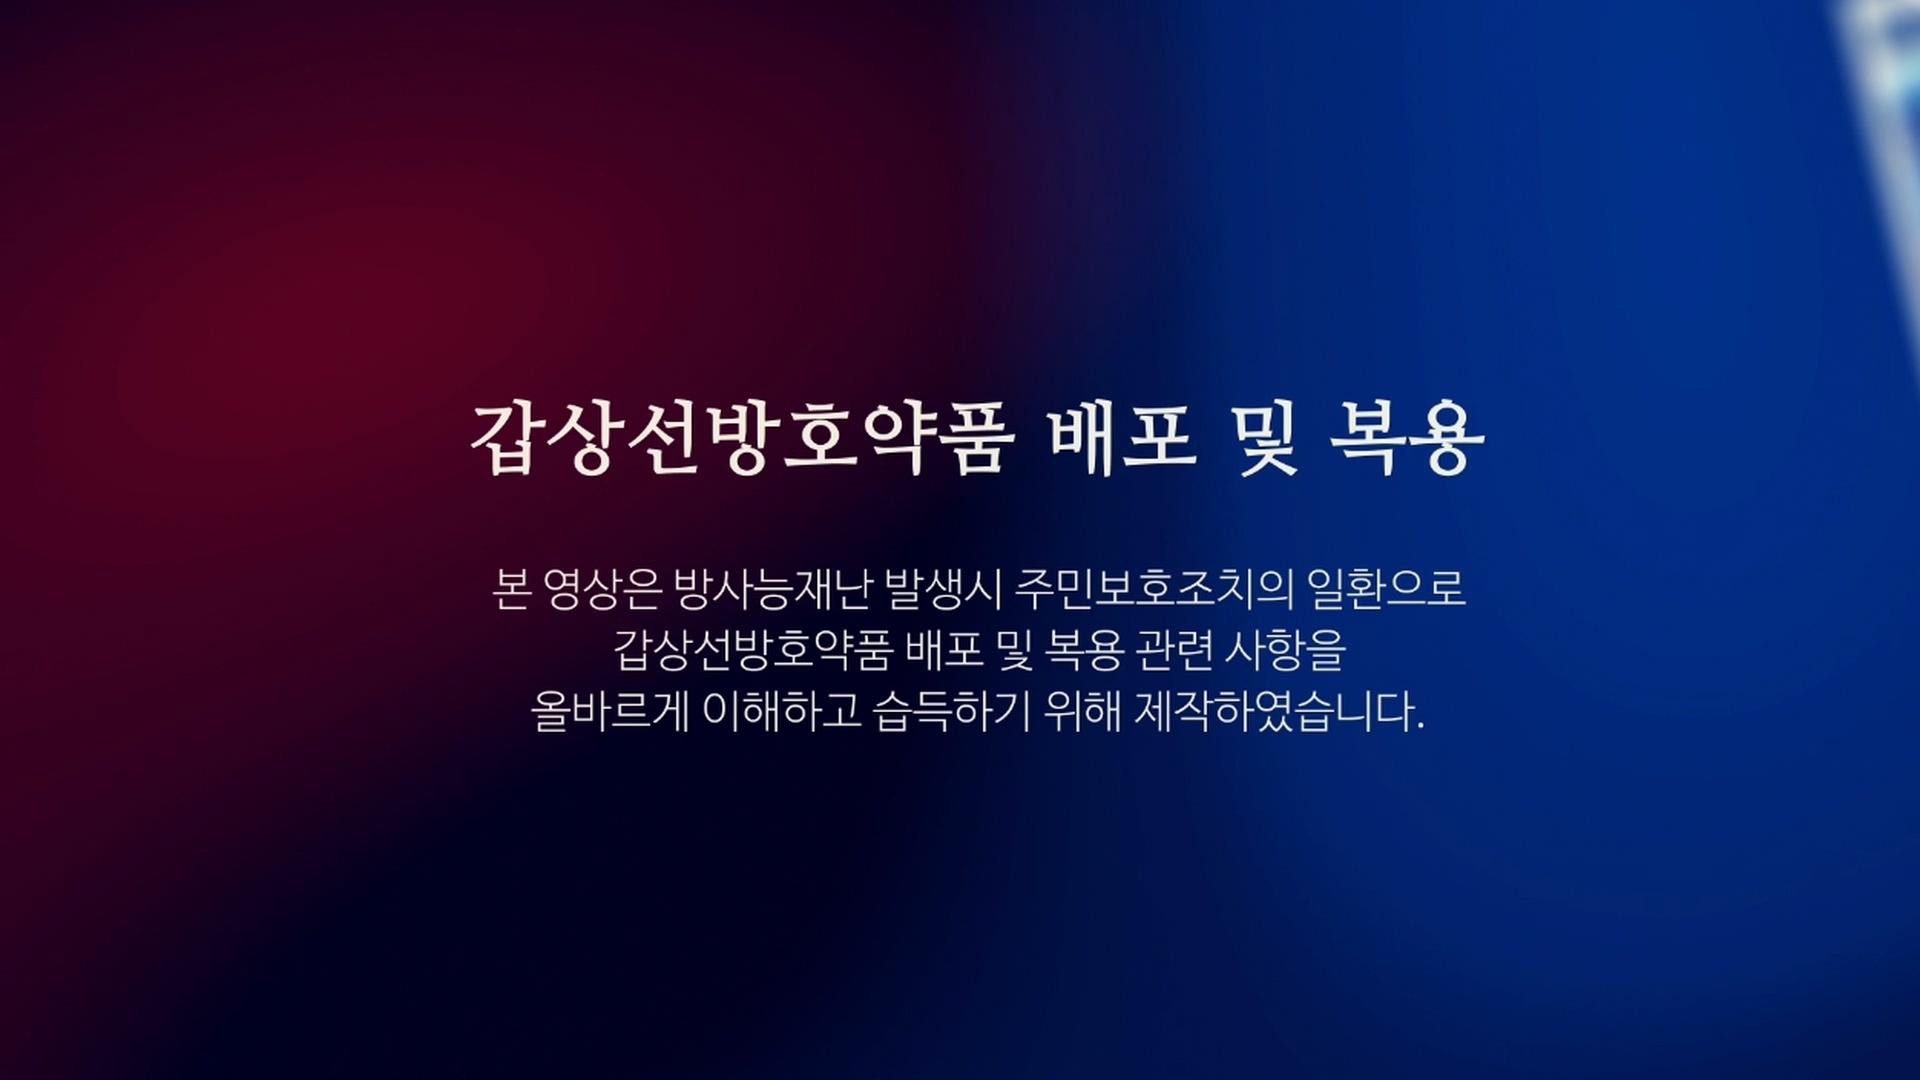 갑상선방호약품 교육영상주민국문.mp4_20180512_172755.183.jpg